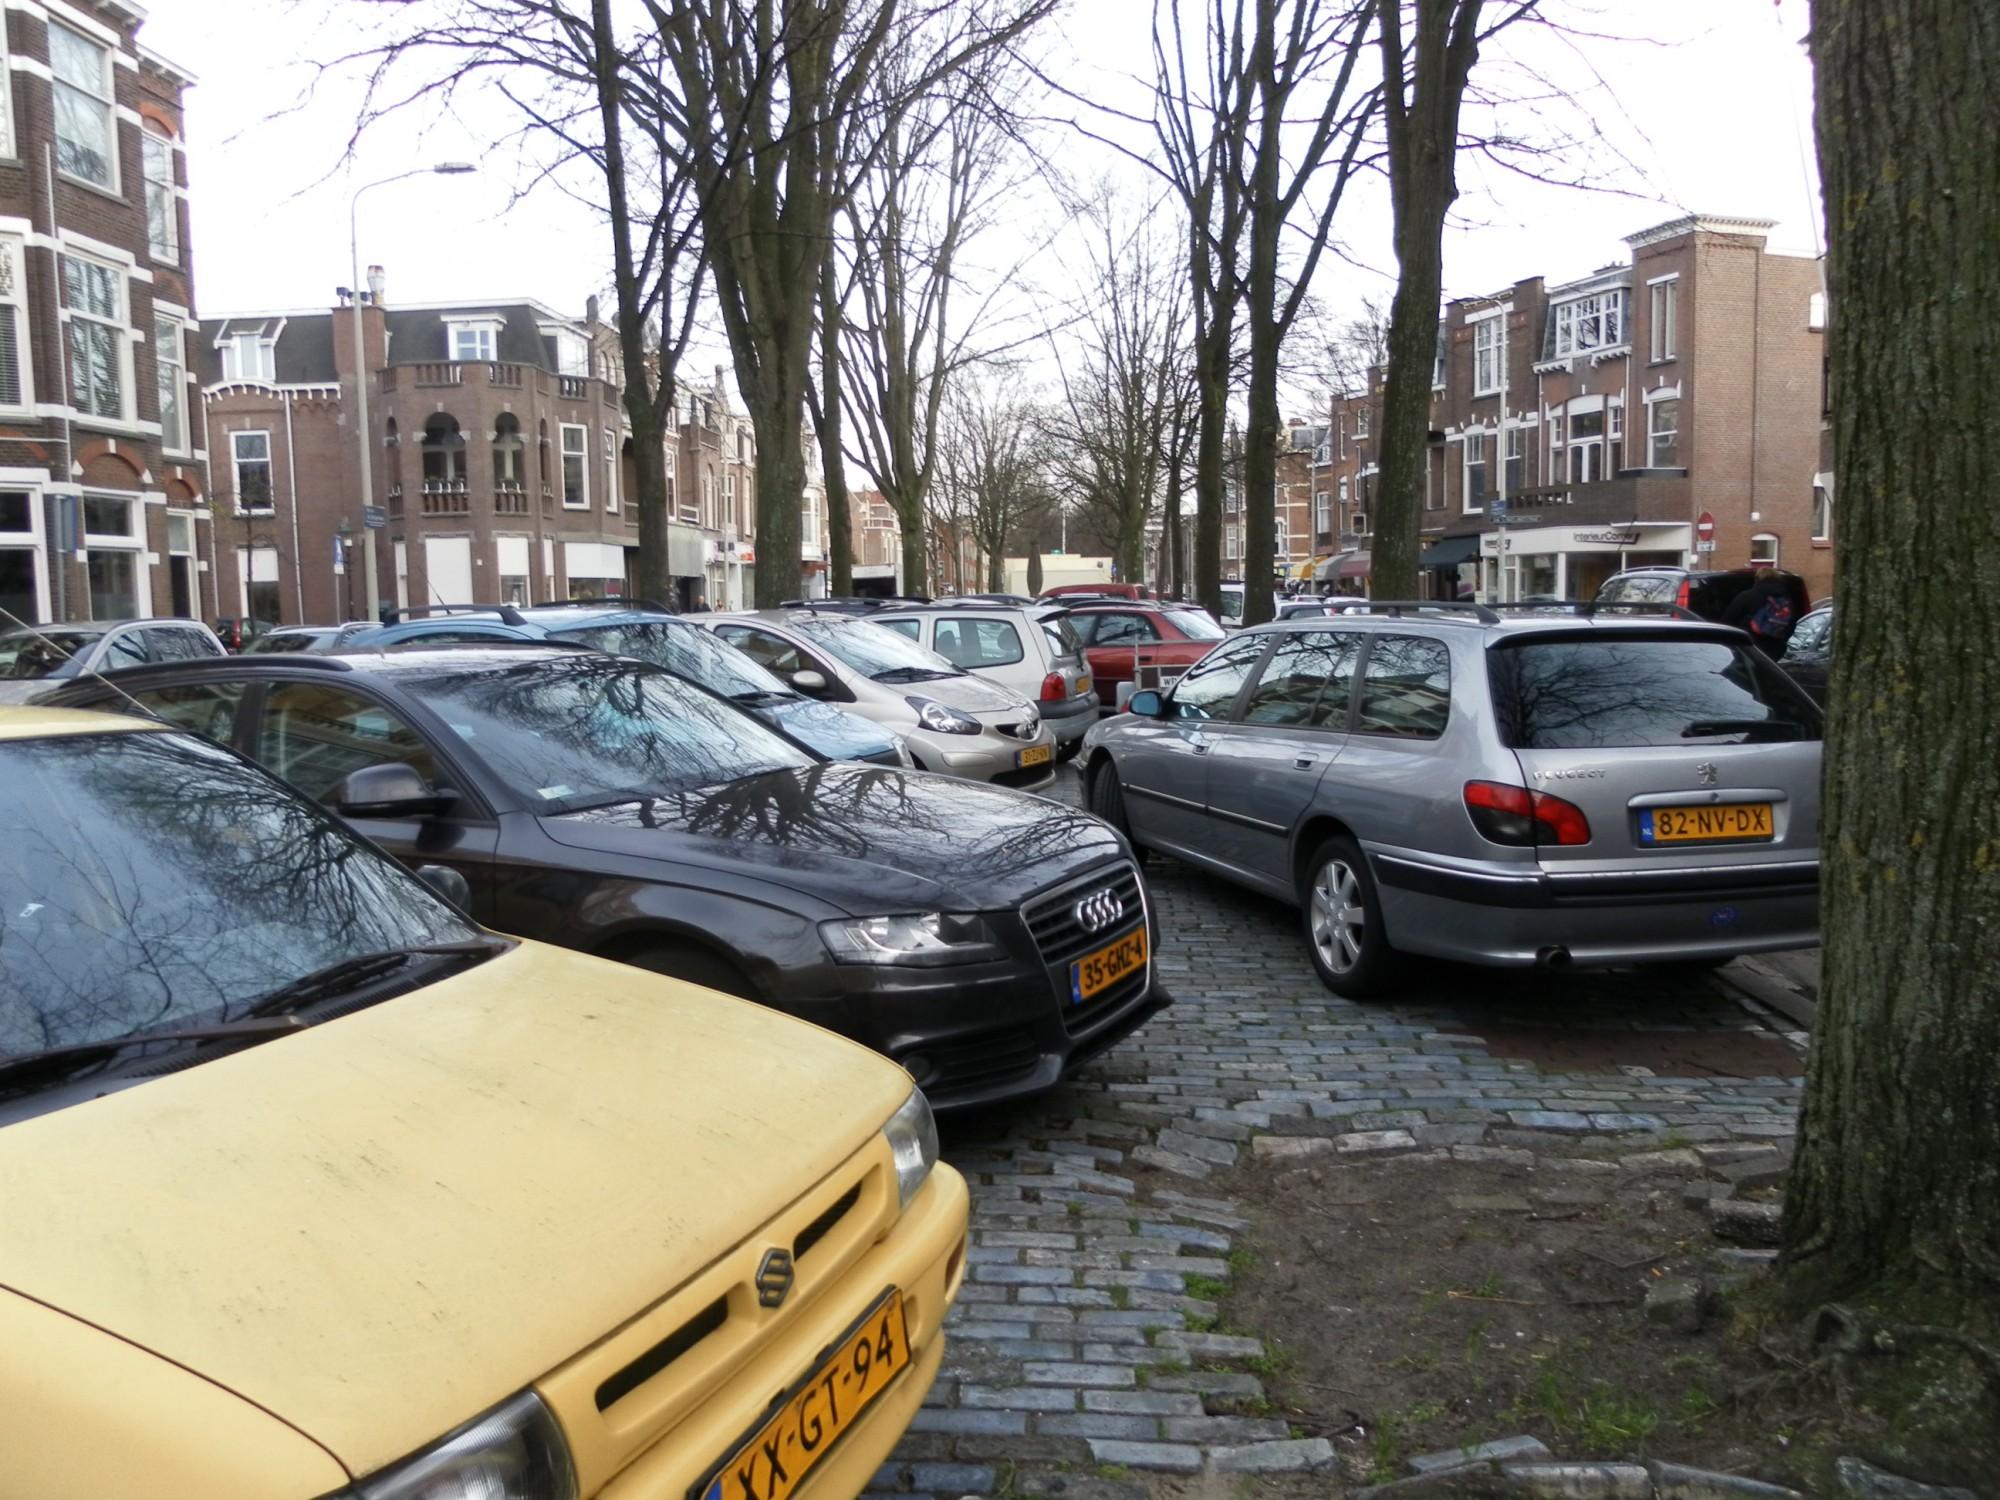 Nota 'Meer lucht, minder auto's' aangeboden aan wethouder Van Asten